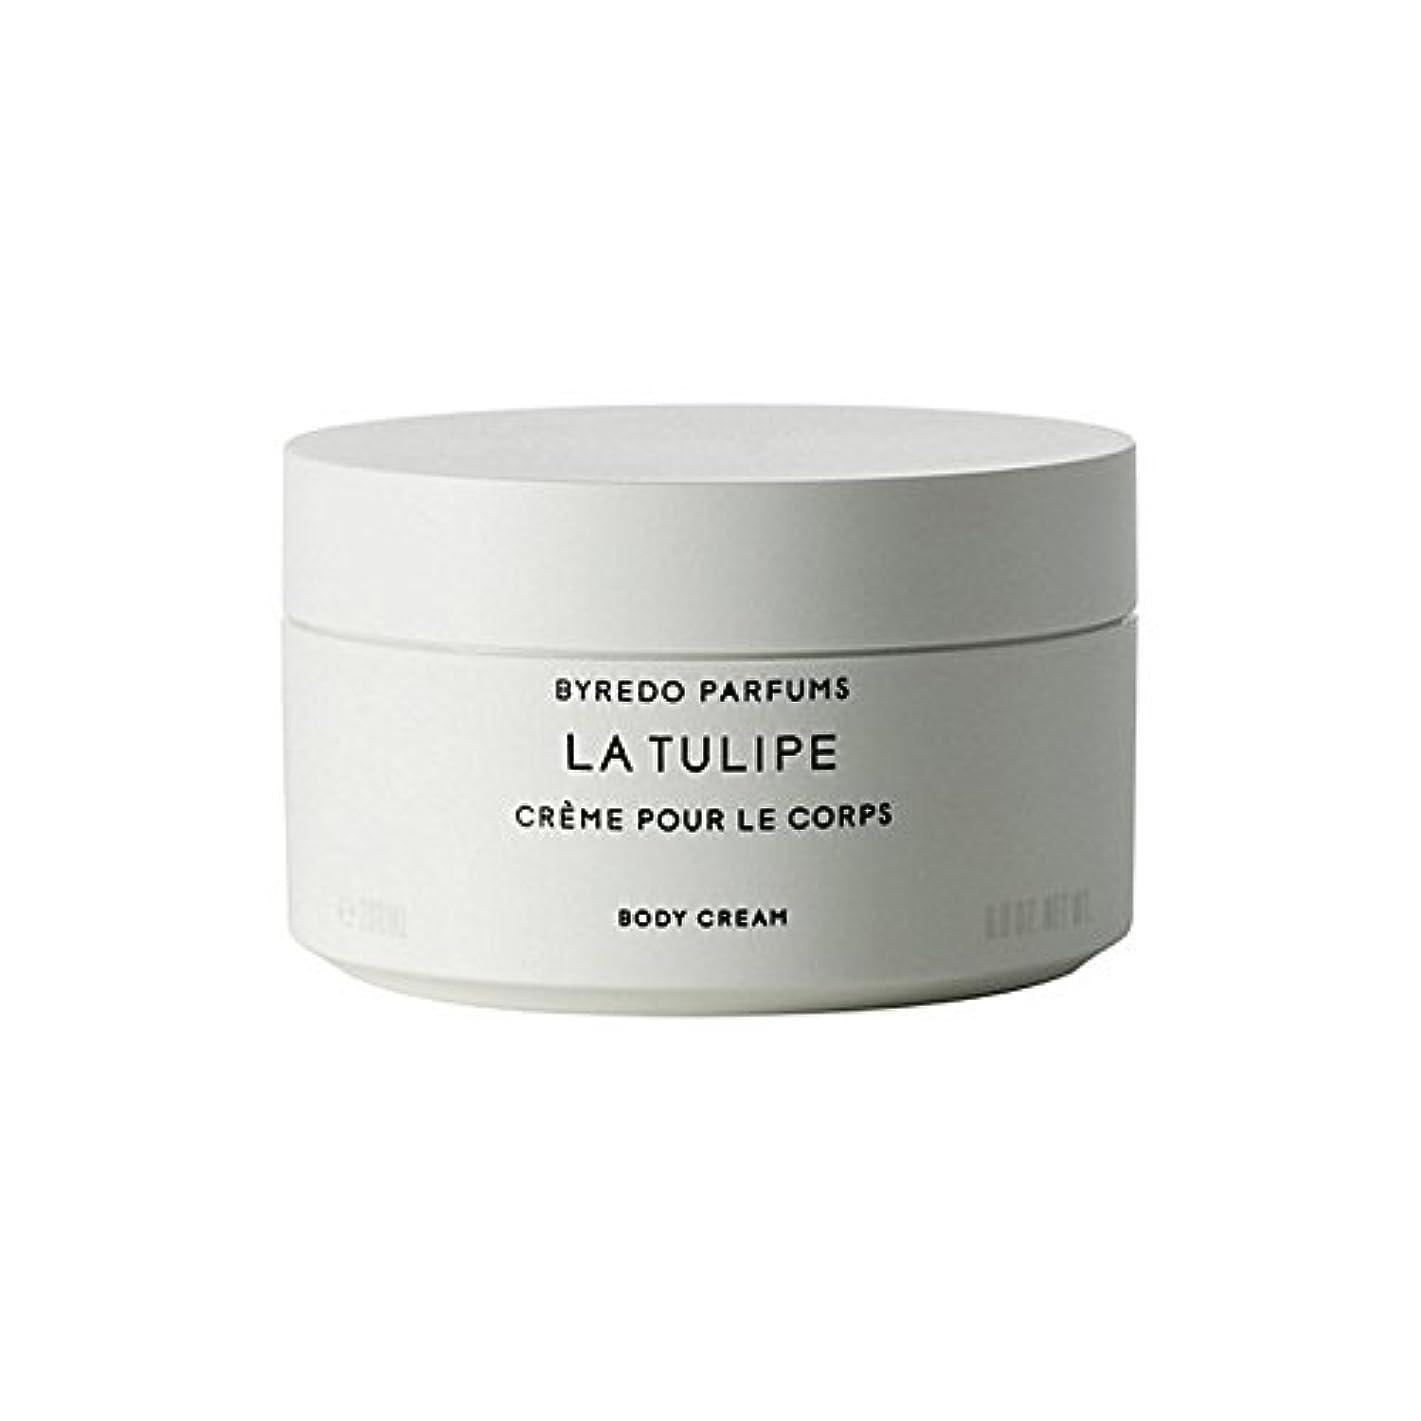 承知しました花バージンByredo La Tulipe Body Cream 200ml - ラチューリップボディクリーム200ミリリットル [並行輸入品]